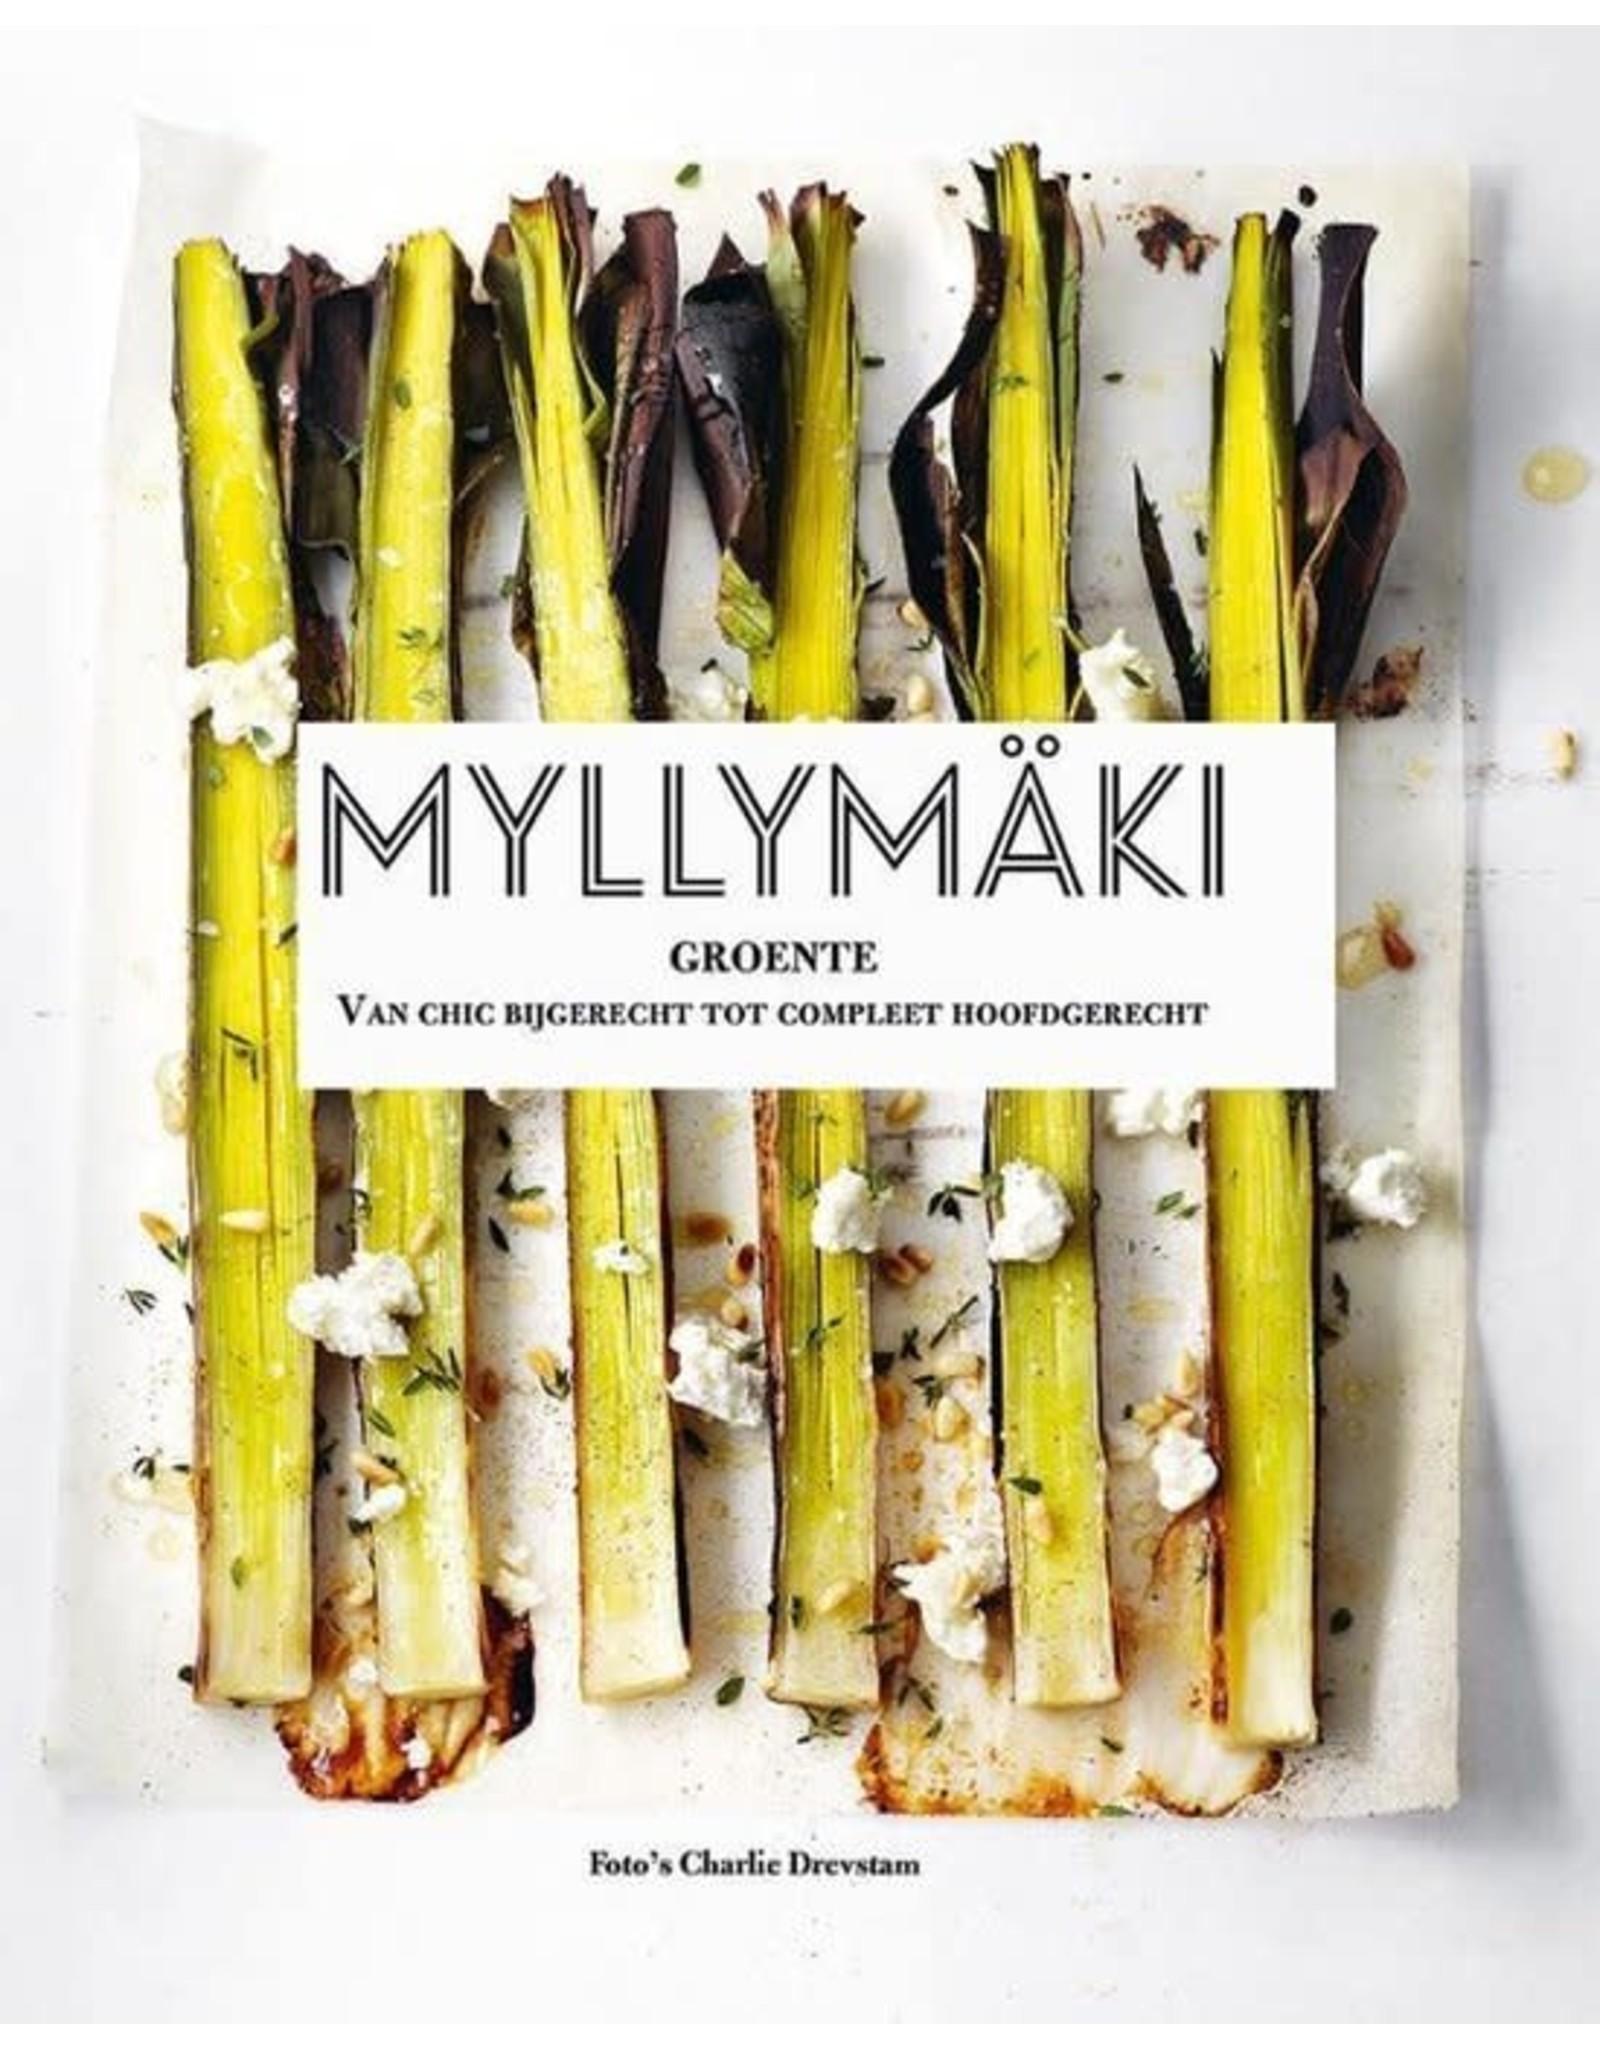 Myllymäki groente